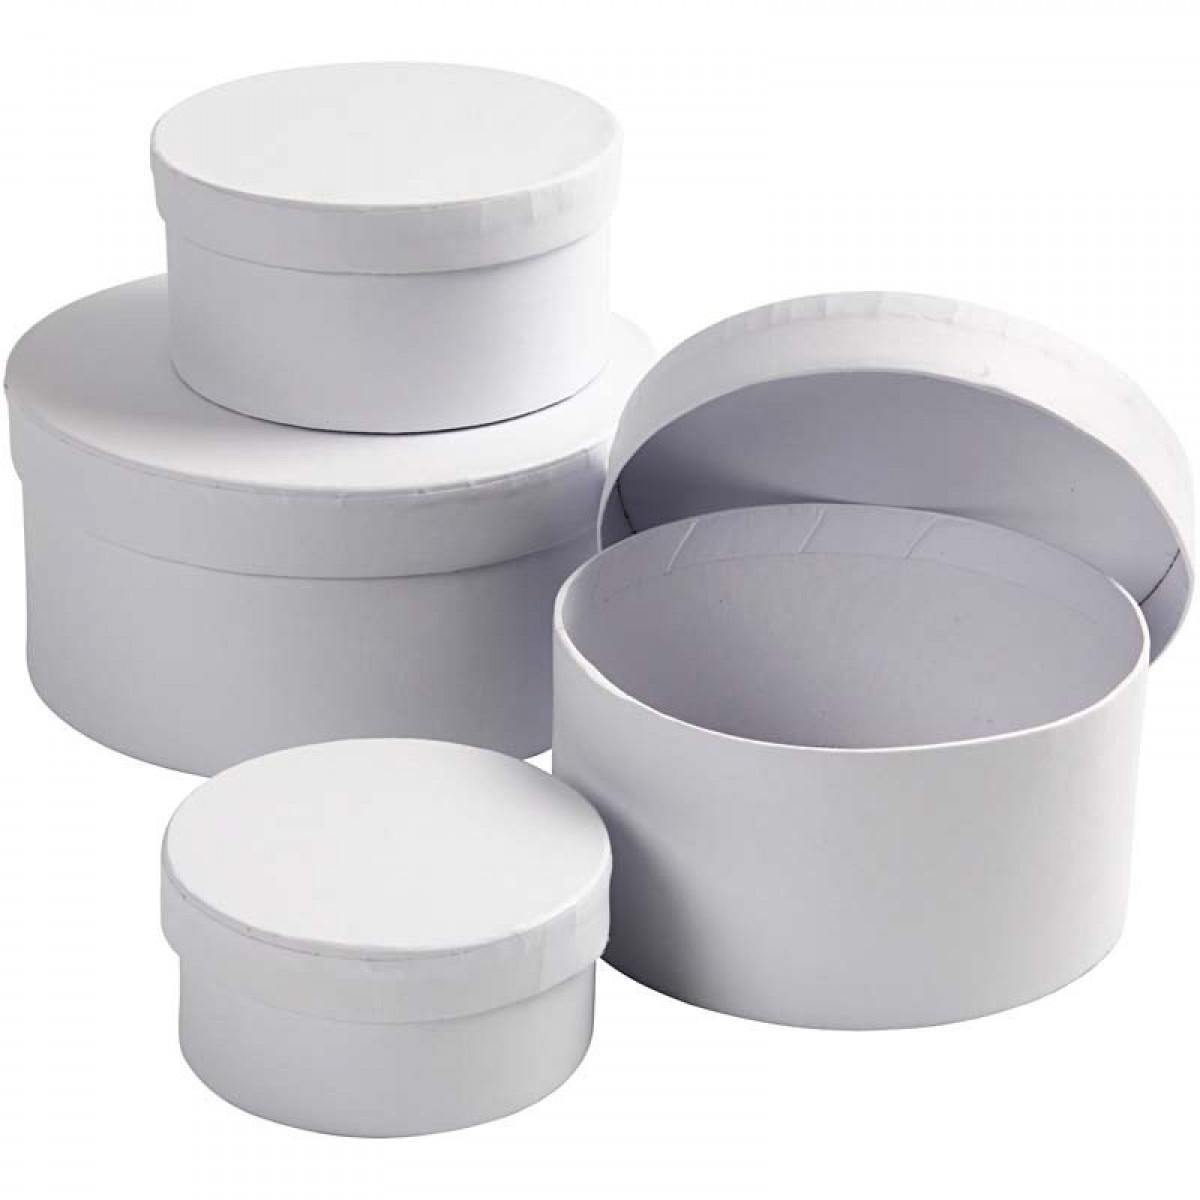 Κουτί Λευκό Στρογγυλό (4 Μεγ.) Υλικά Χειροτεχνίας